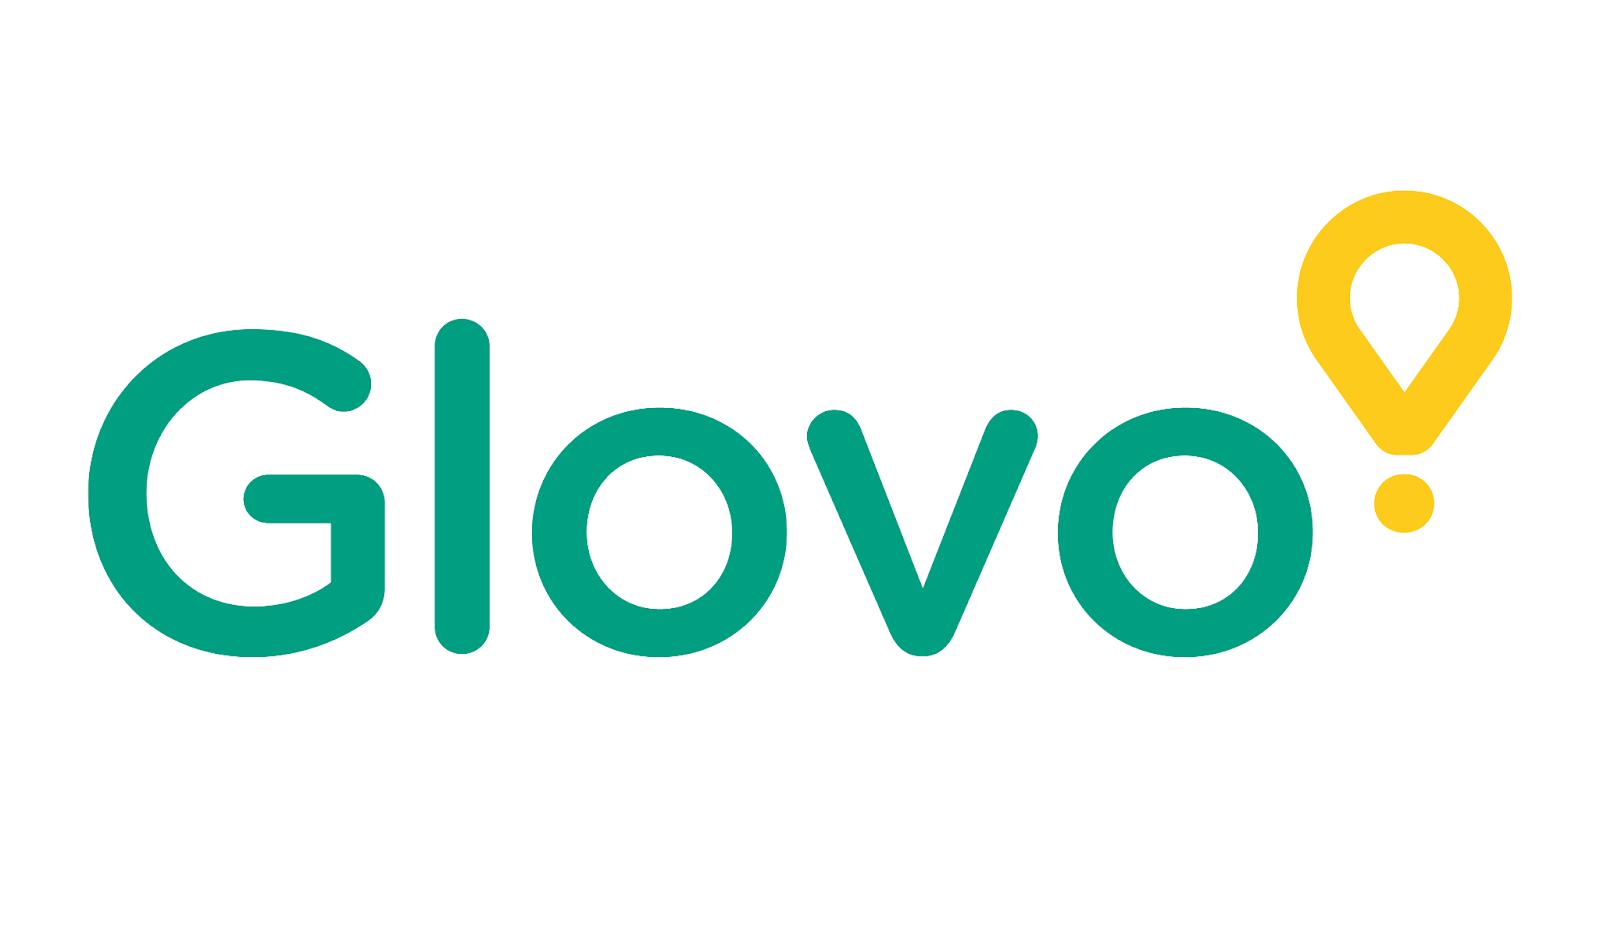 Glovo Startup in Barcelona